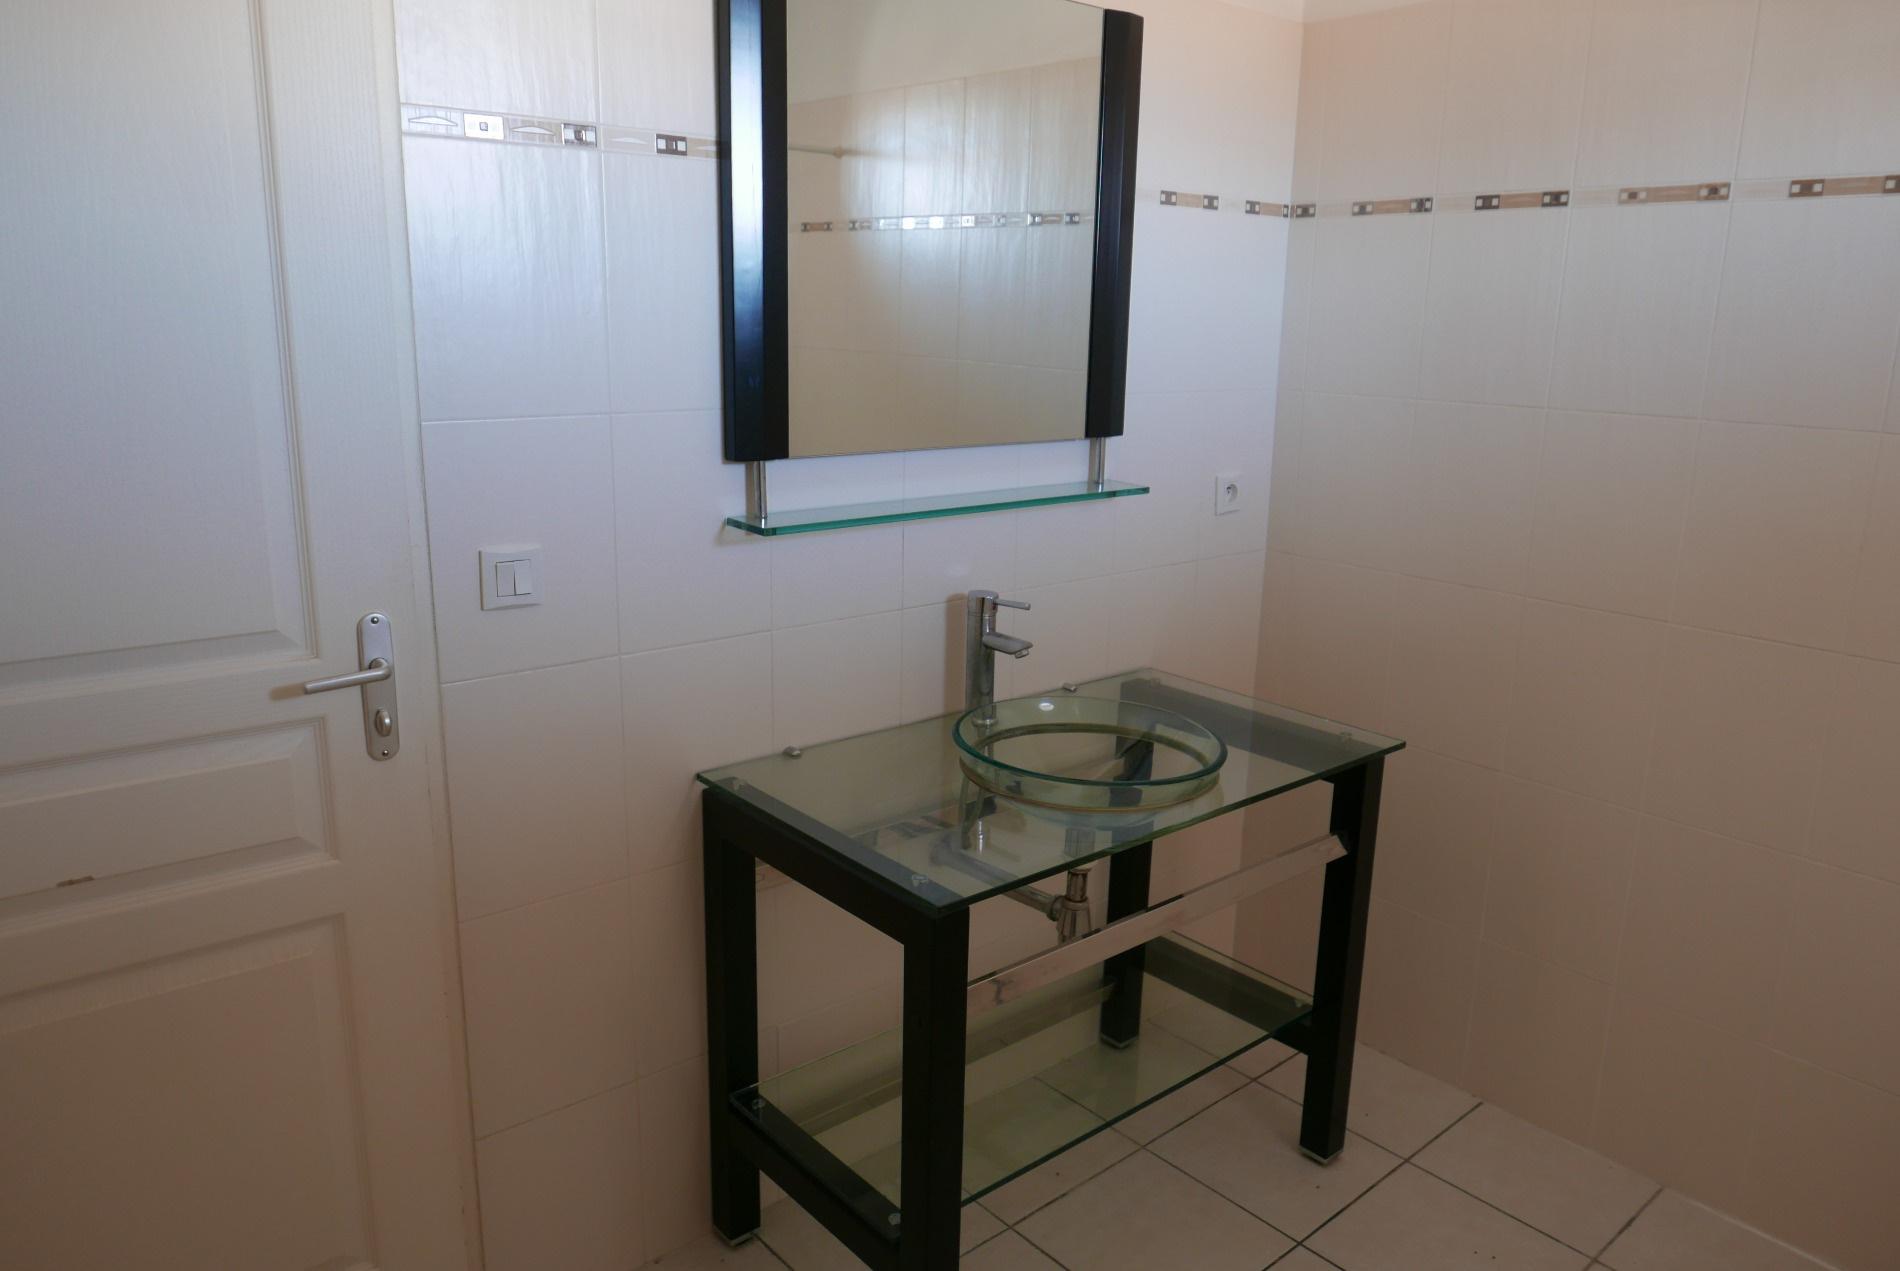 Salle de bains a l'etage